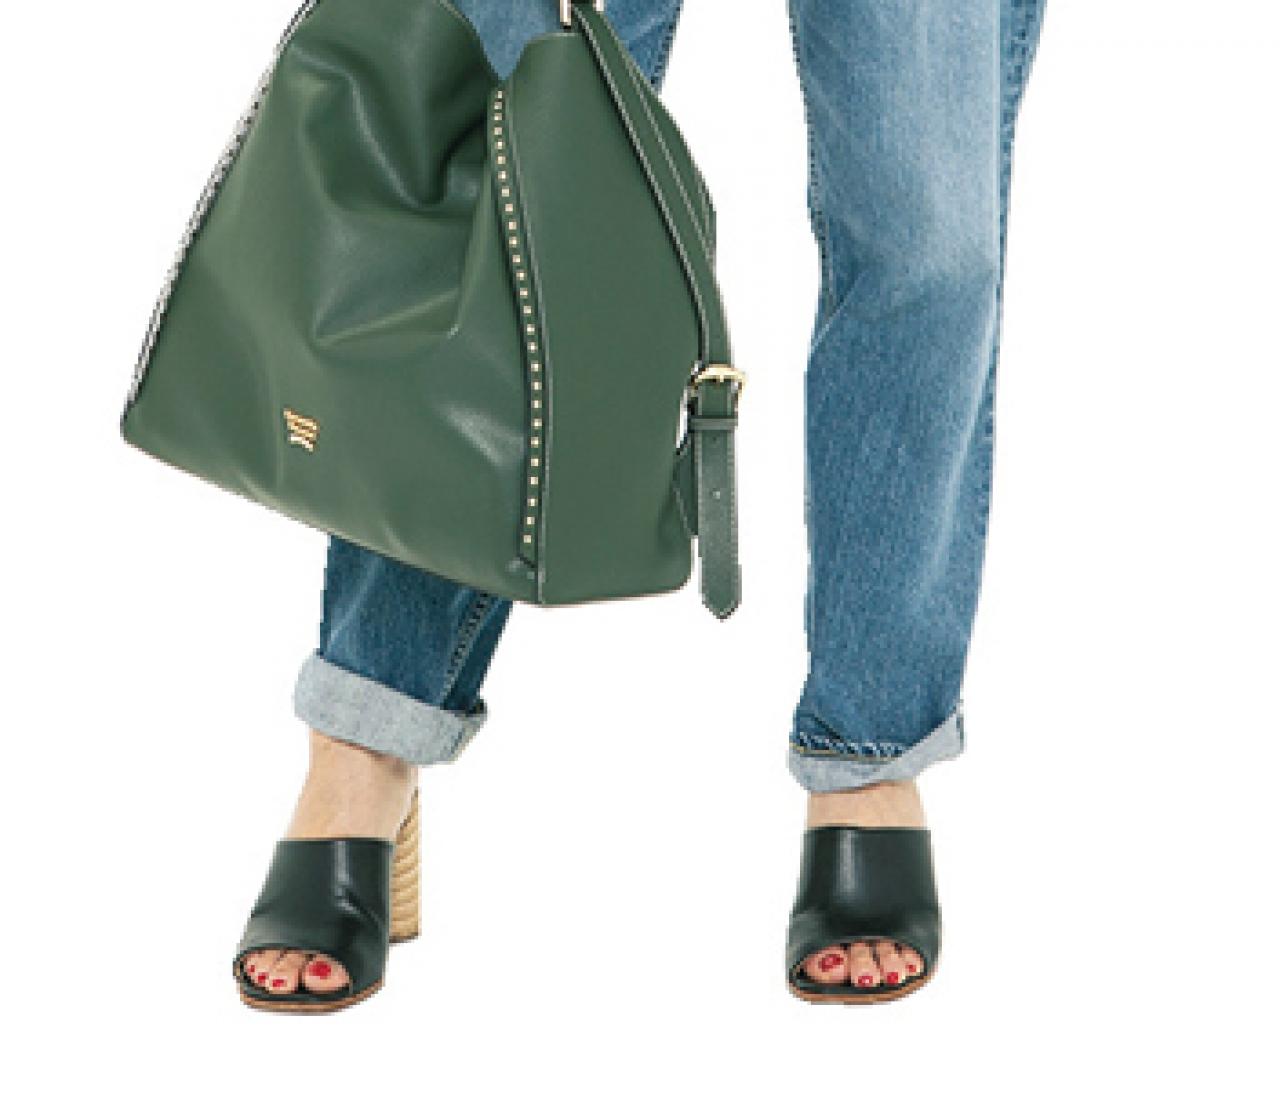 【コンサバッグばっかり買っちゃう症候群】の脱マンネリに即効く3大おしゃれバッグ